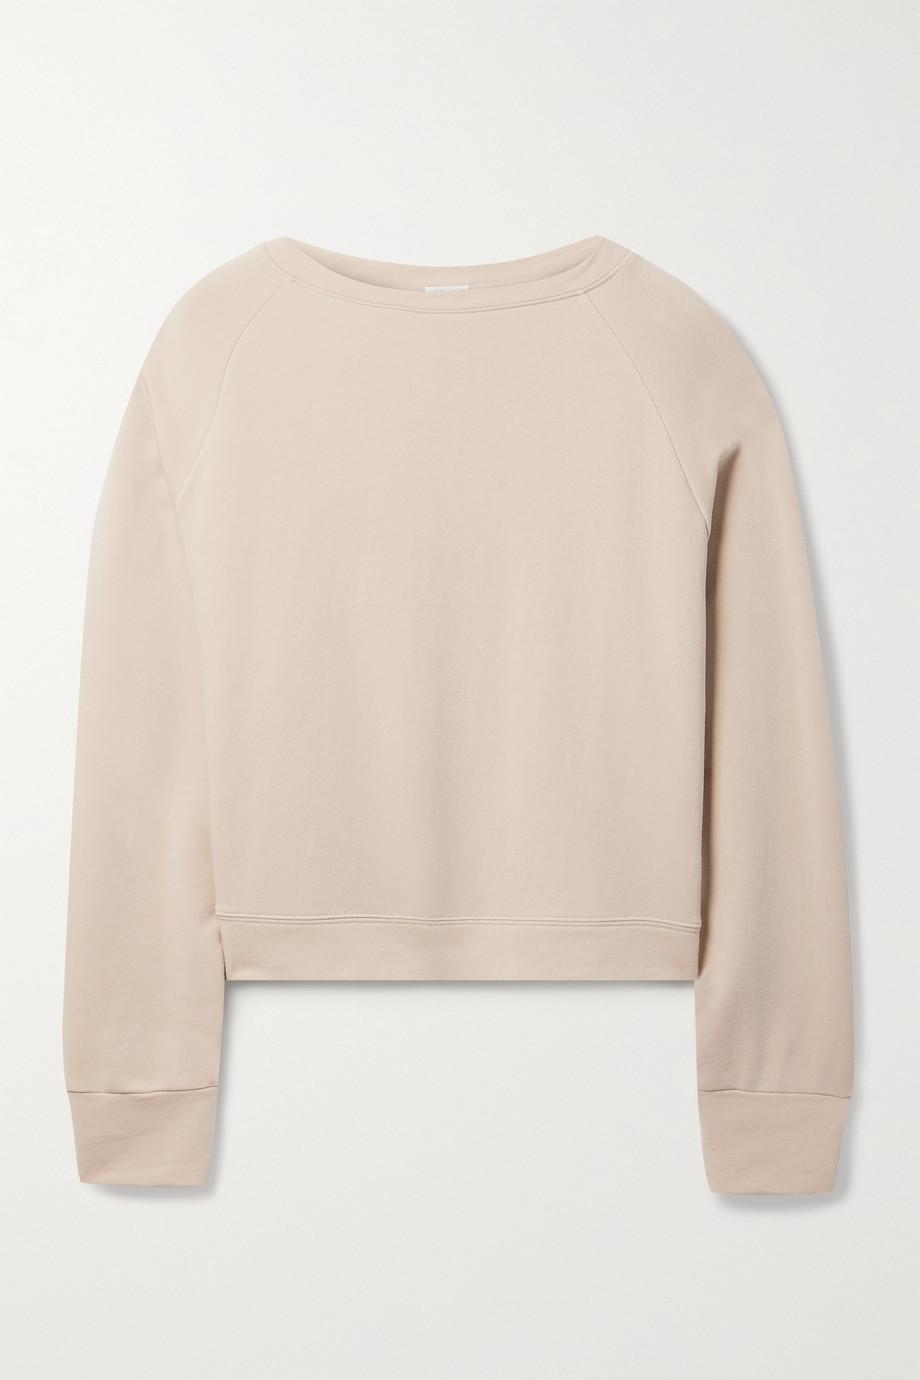 Skin + NET SUSTAIN Everett Sweatshirt aus Jersey aus einer Biobaumwollmischung